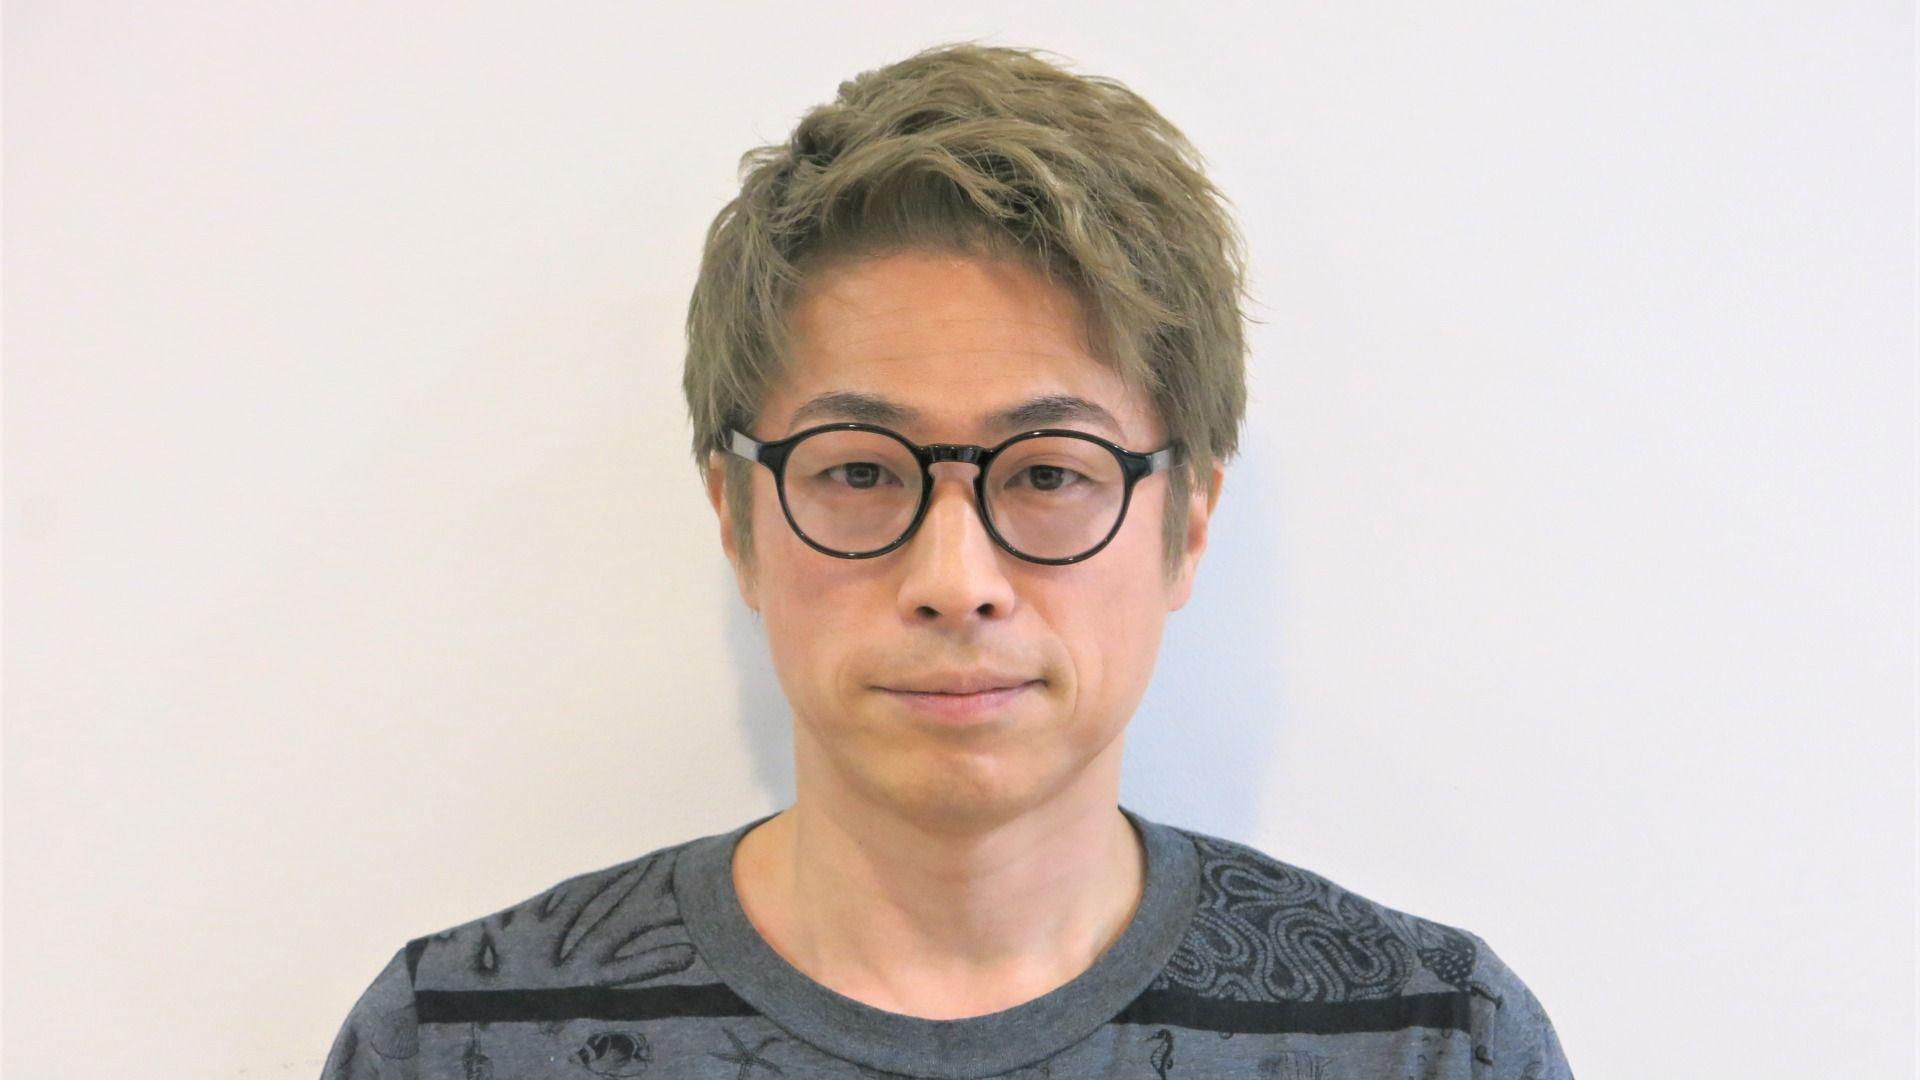 田村淳が「死ね」と言わない理由(中西正男) - 個人 - Yahoo!ニュース